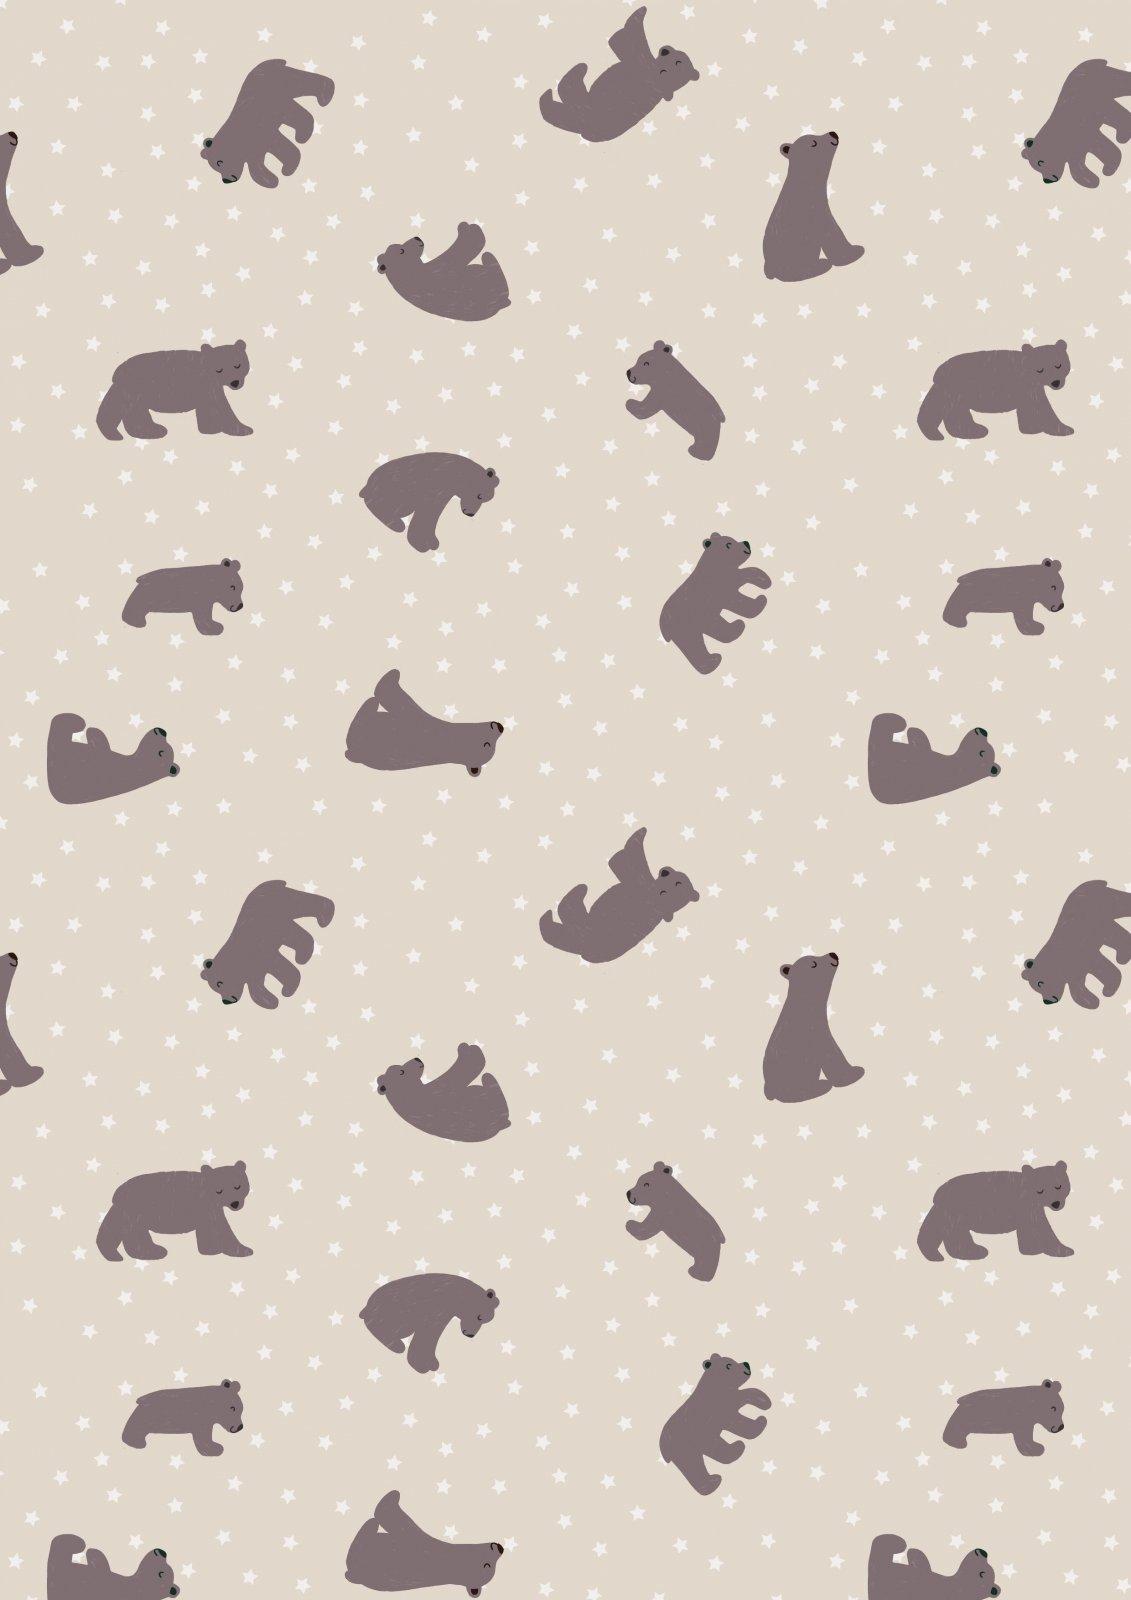 Bear Hug 314.1